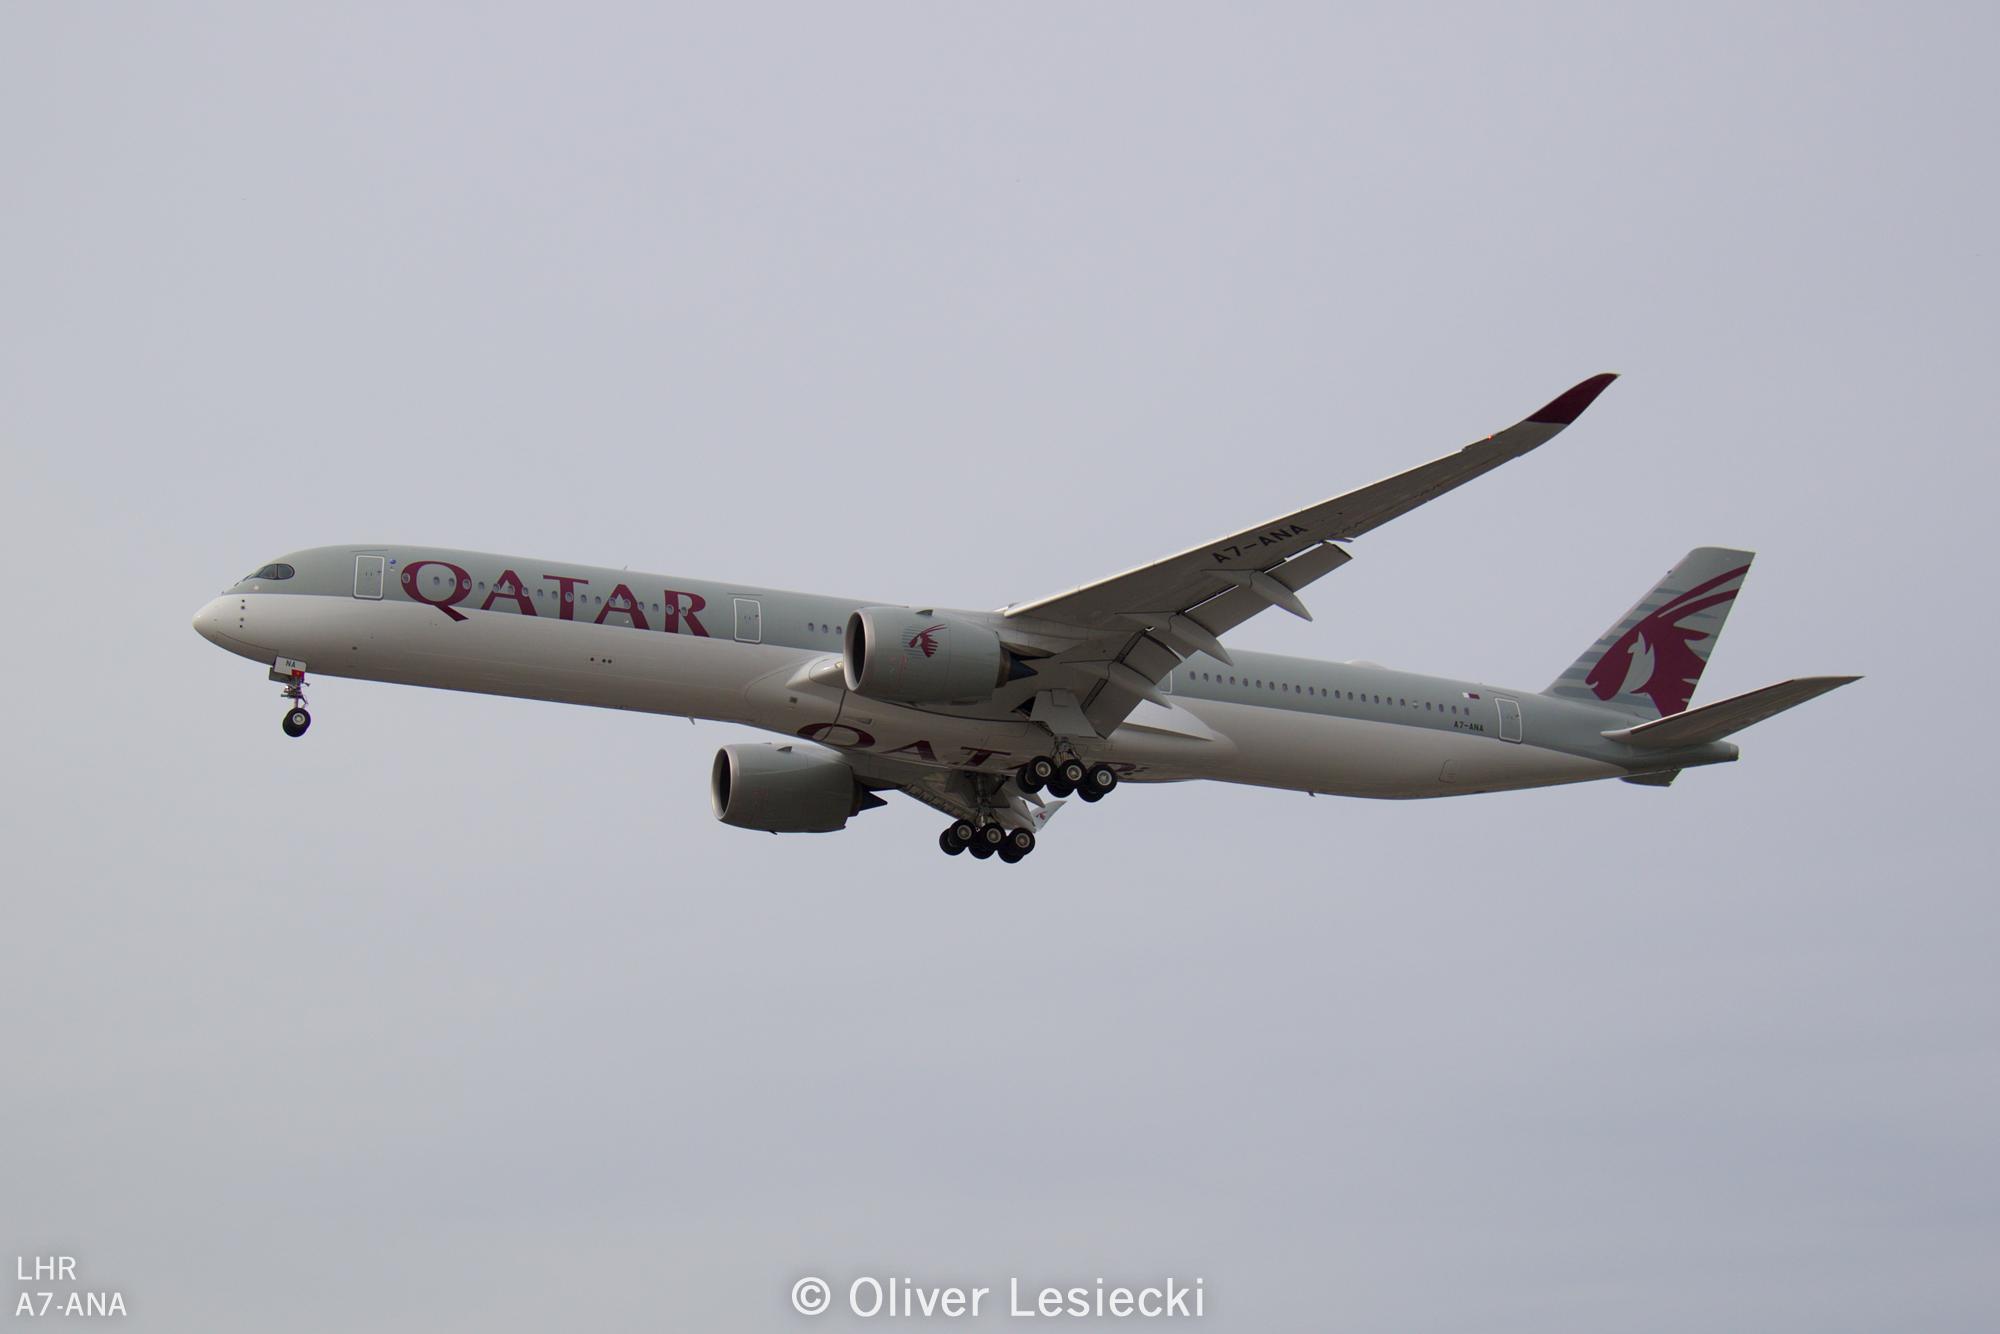 X_Qatar_A350_A7ANA_01_LHR_230618_IG7